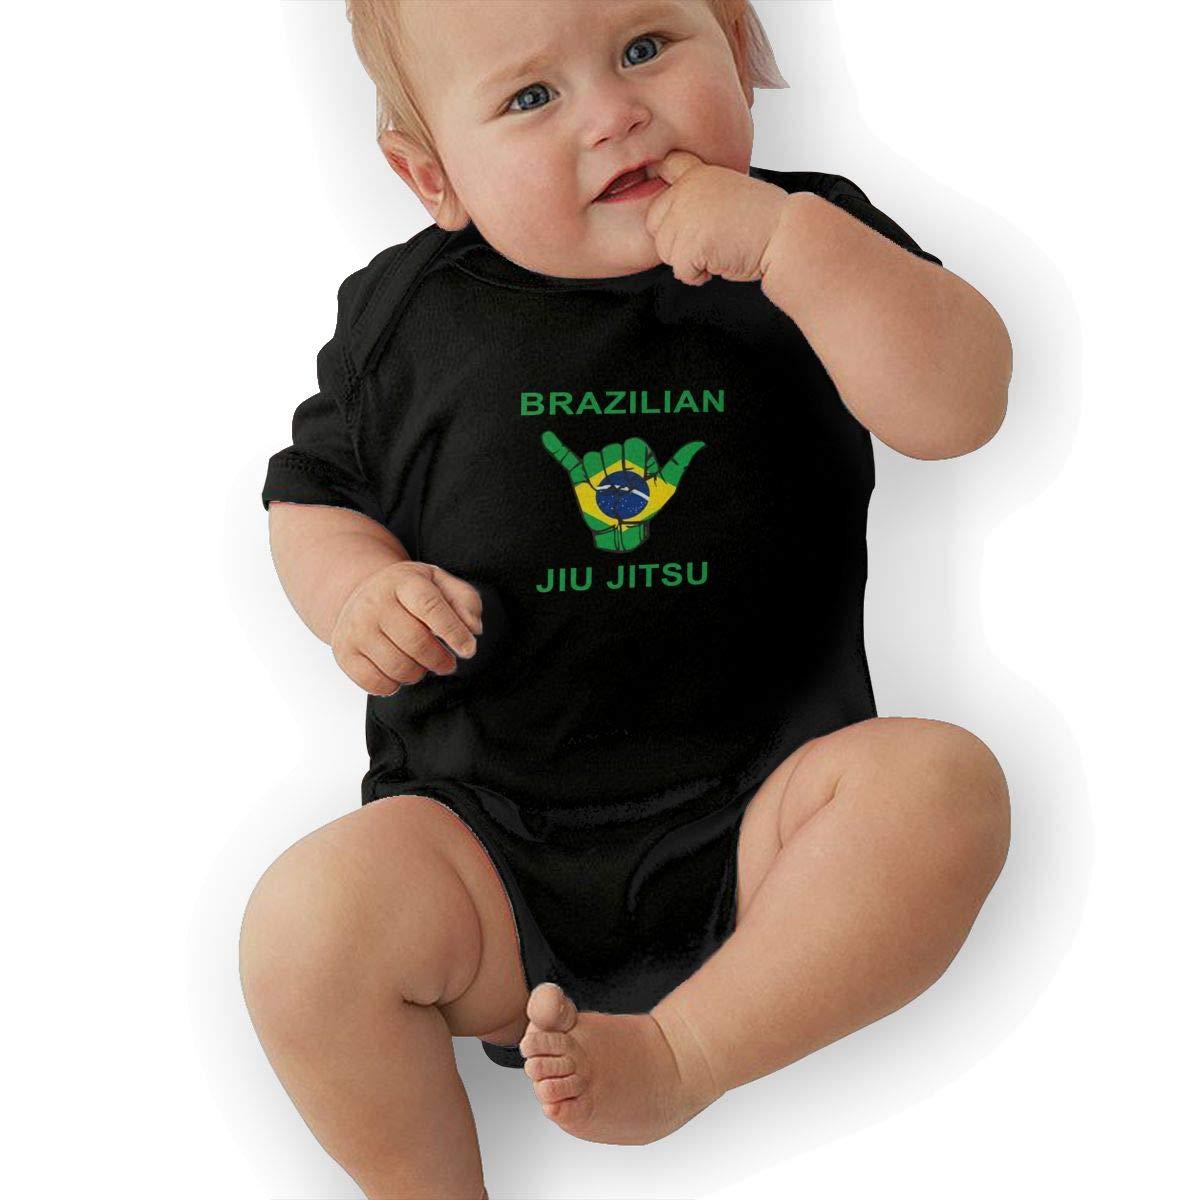 Brazil BJJ Shaka Hand Graphic Newborn Baby Short Sleeve Bodysuit Romper Infant Summer Clothing